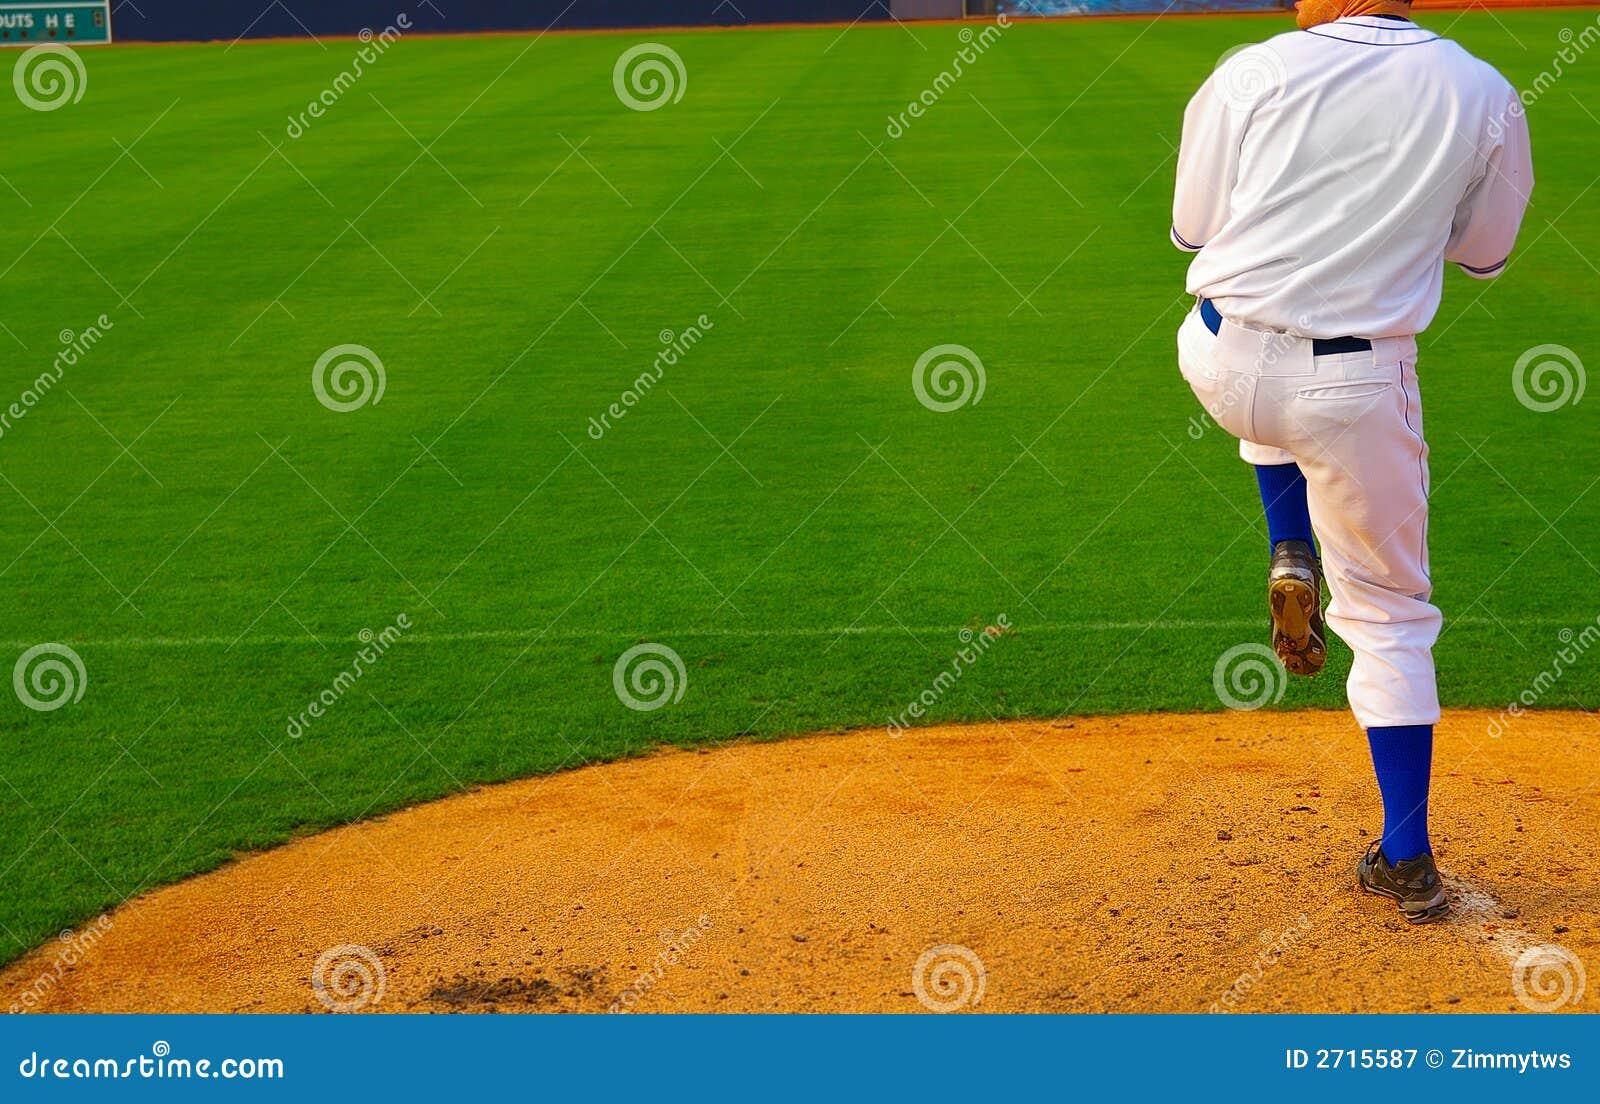 Baseballkanna